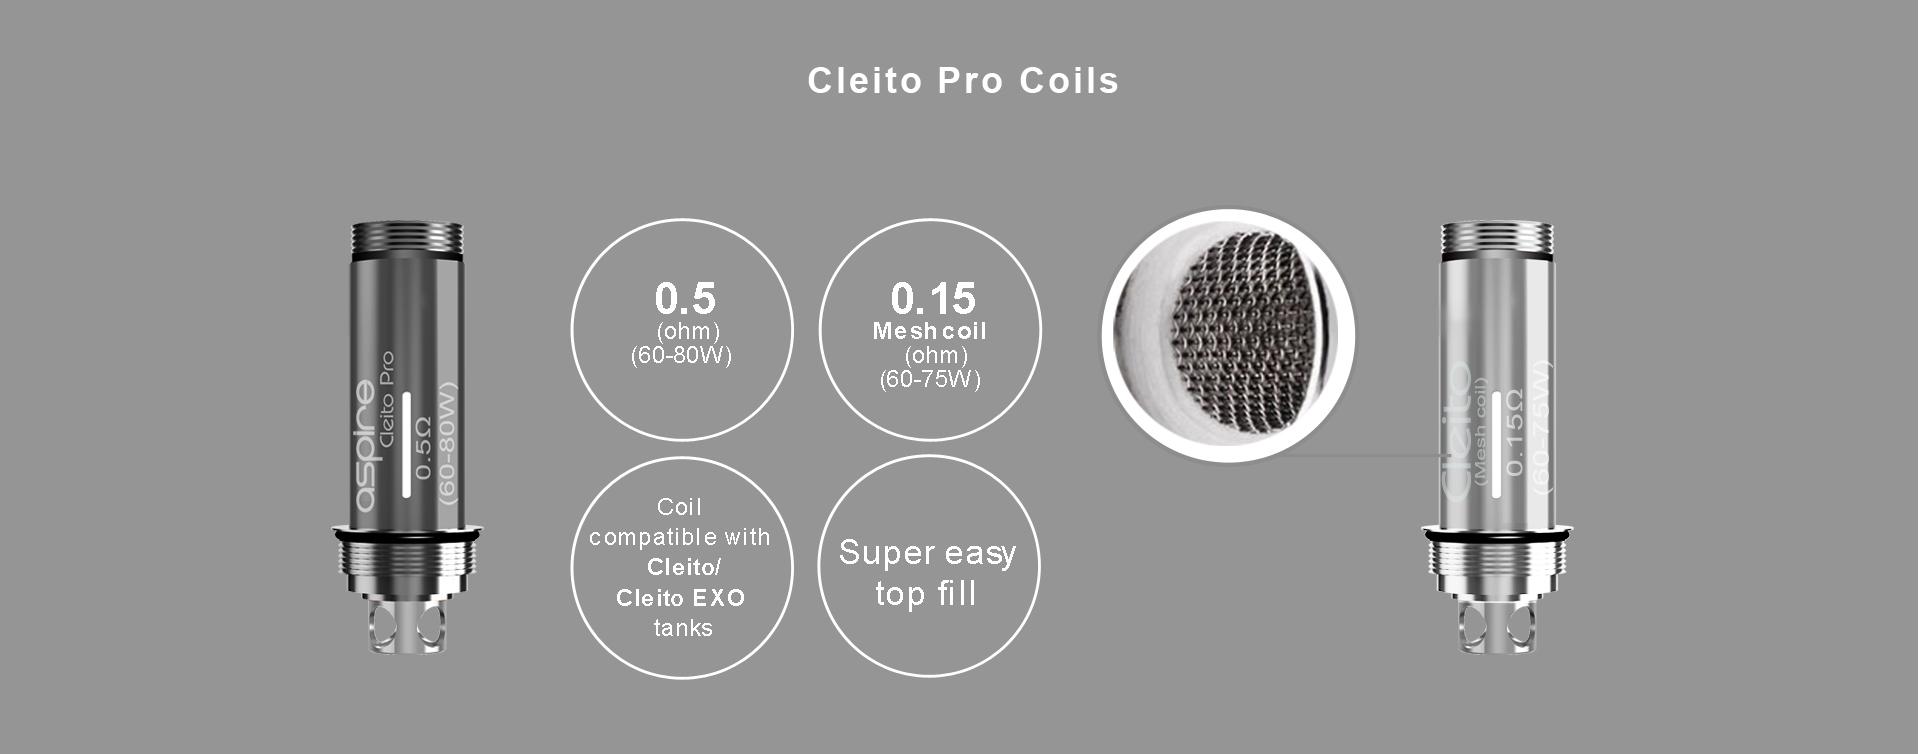 Aspire Cleito Pro Mesh Coil Comparison